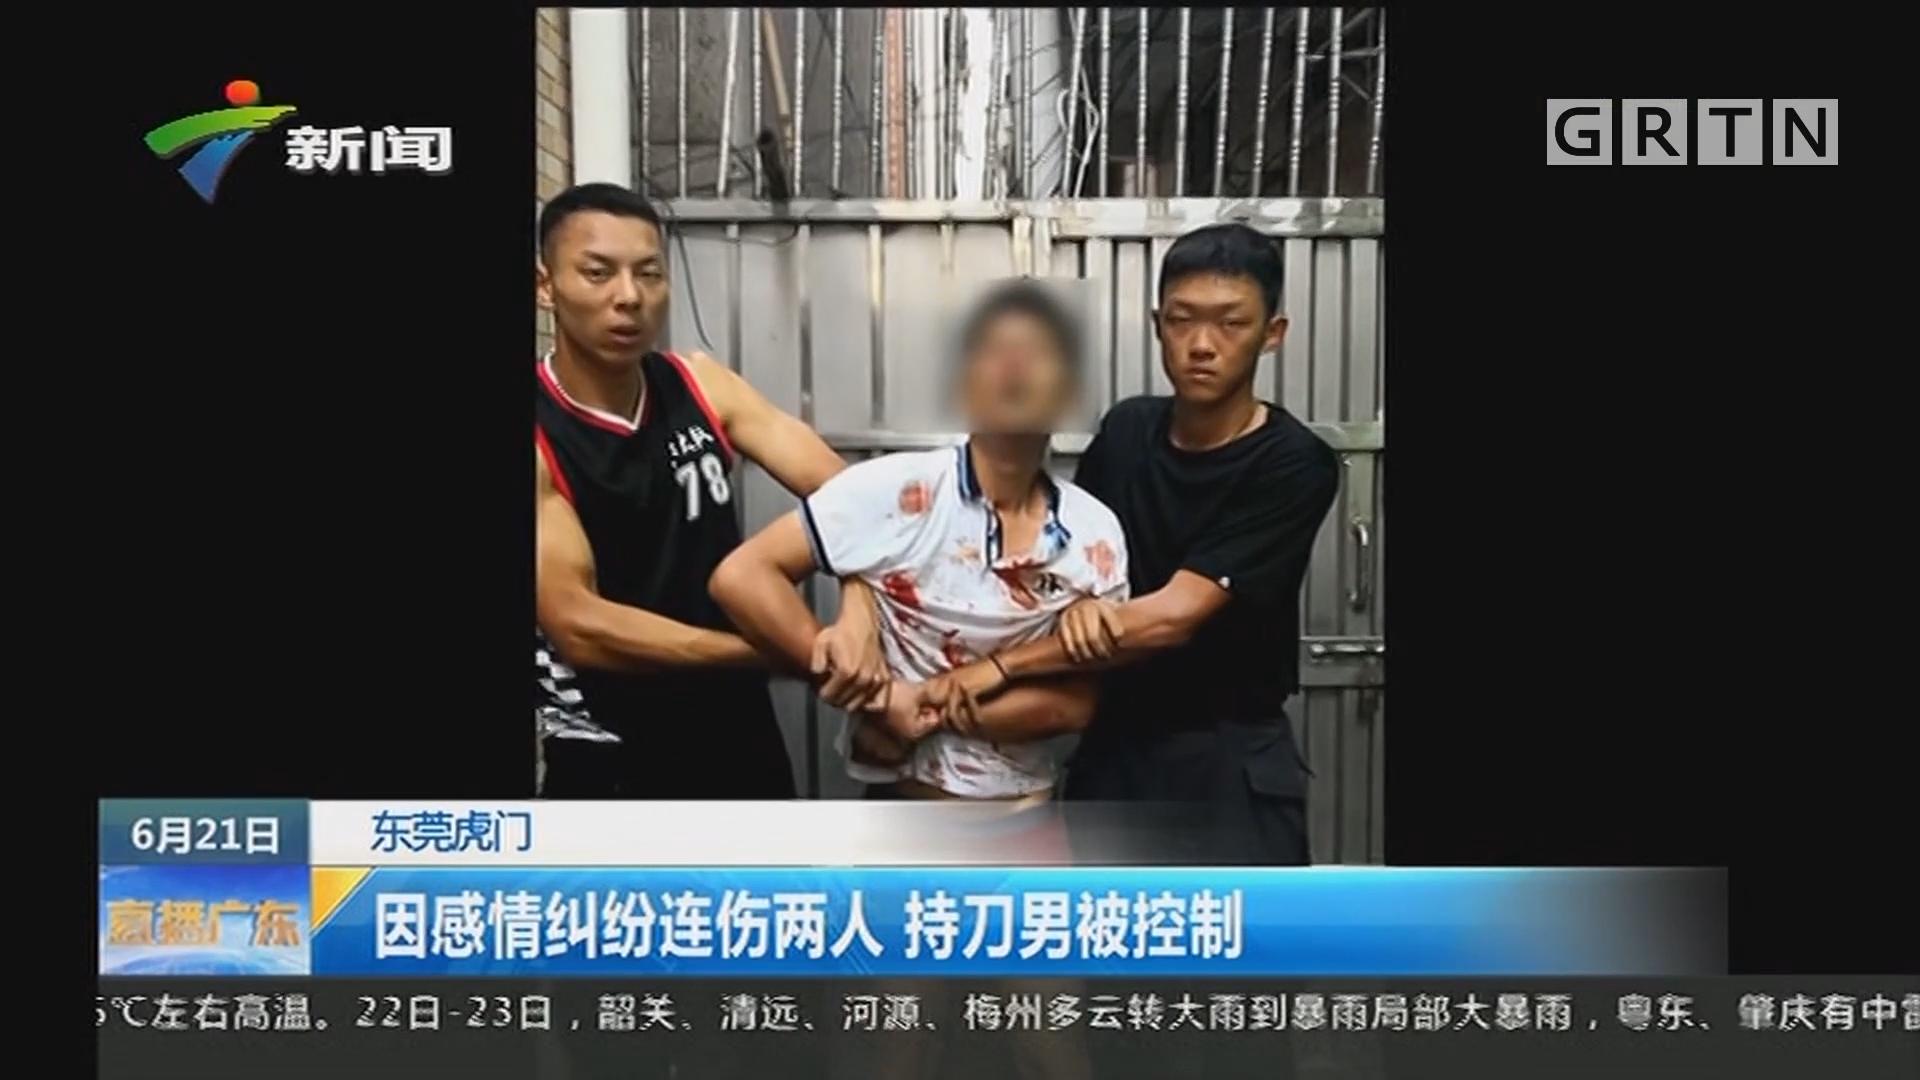 东莞虎门:铁骑队员飞跃楼顶 制服行凶嫌疑人